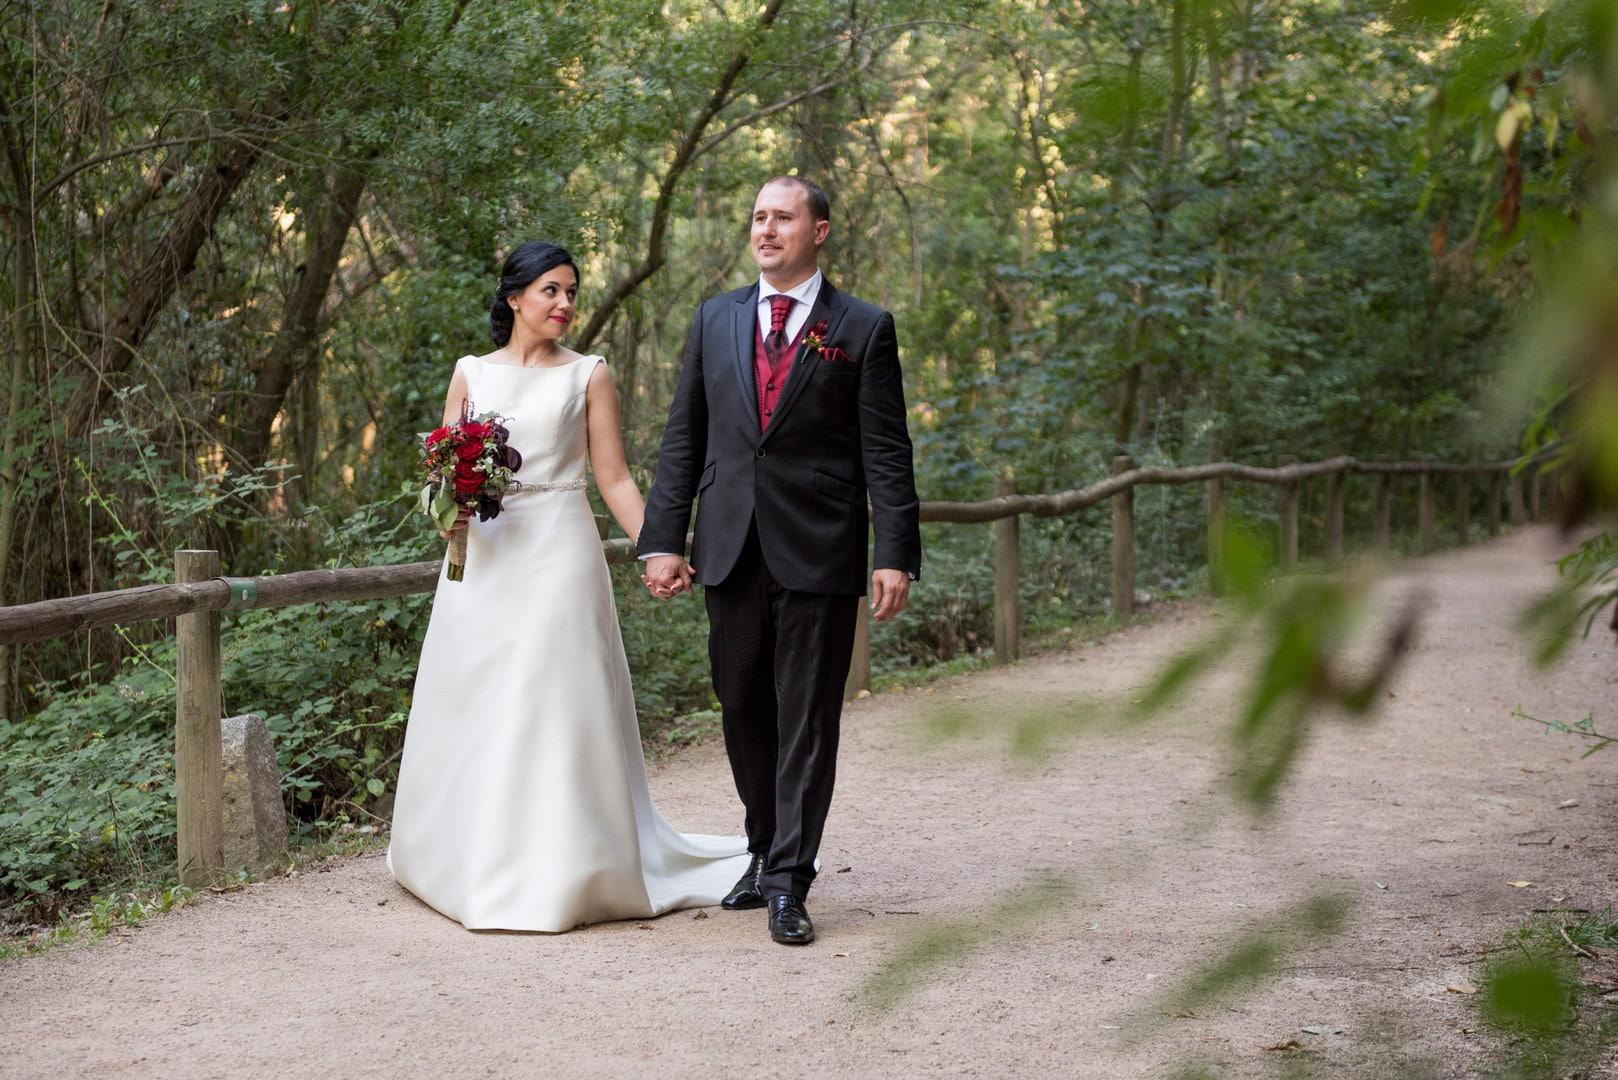 novios ZAZU-boda-divertida-en-rojo-Segovia25